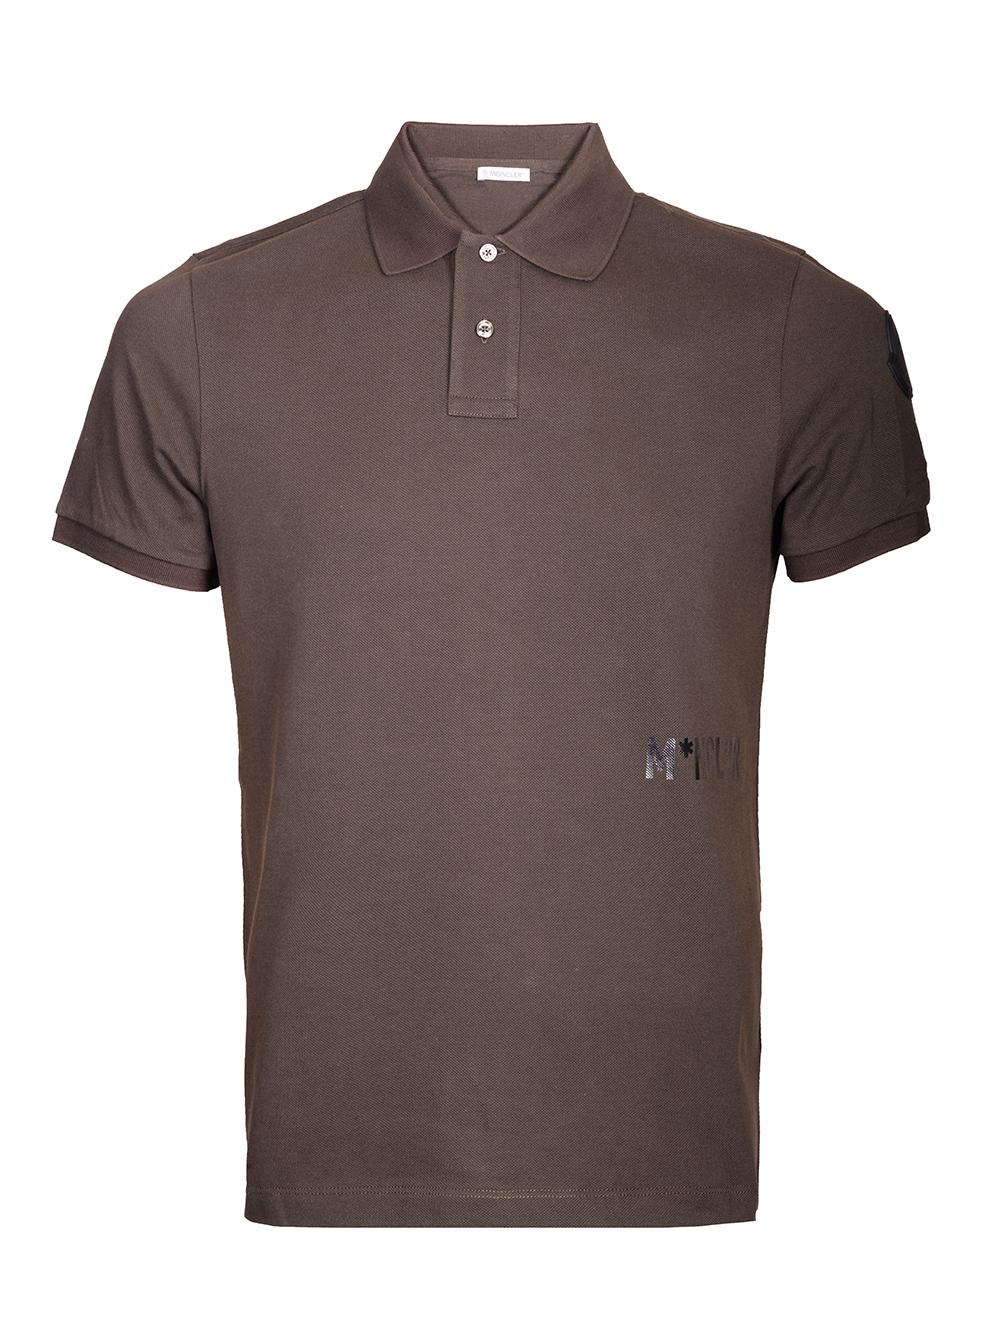 MONCLER Μπλούζα Polo E2-091-83251508 4556 ΧΑΚΙ